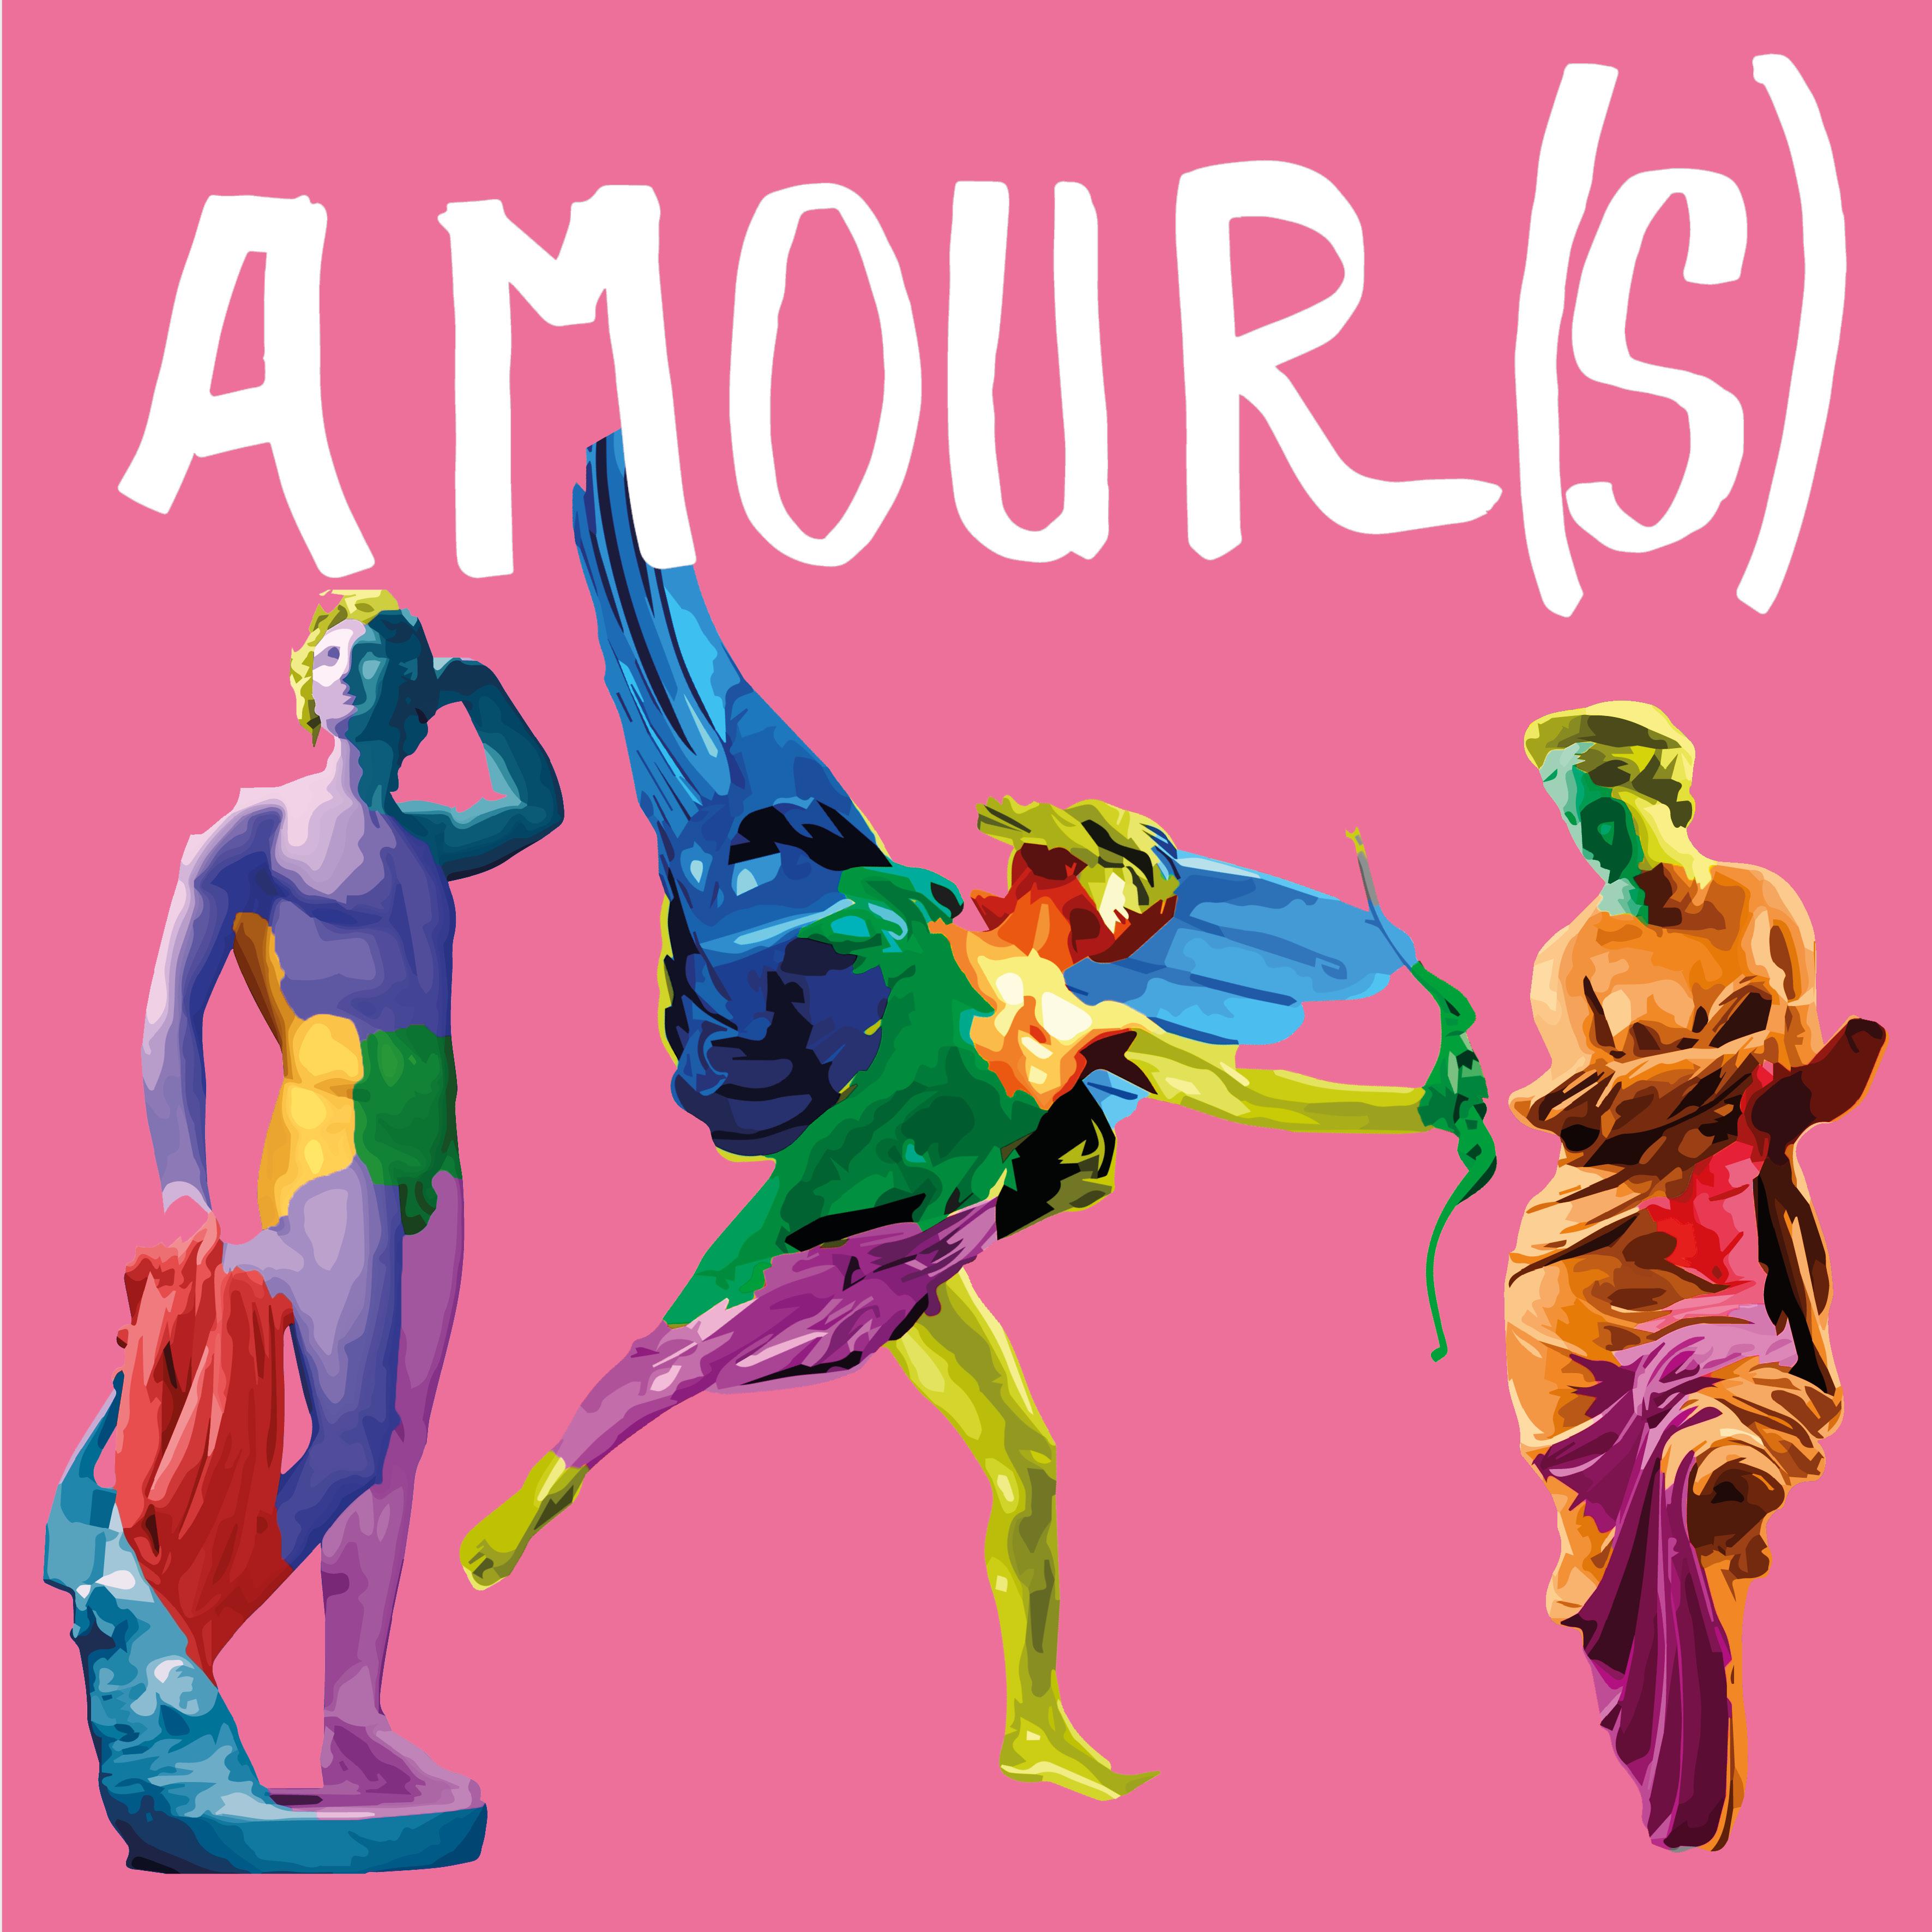 amour(s)JA_©theatre_de_chelles